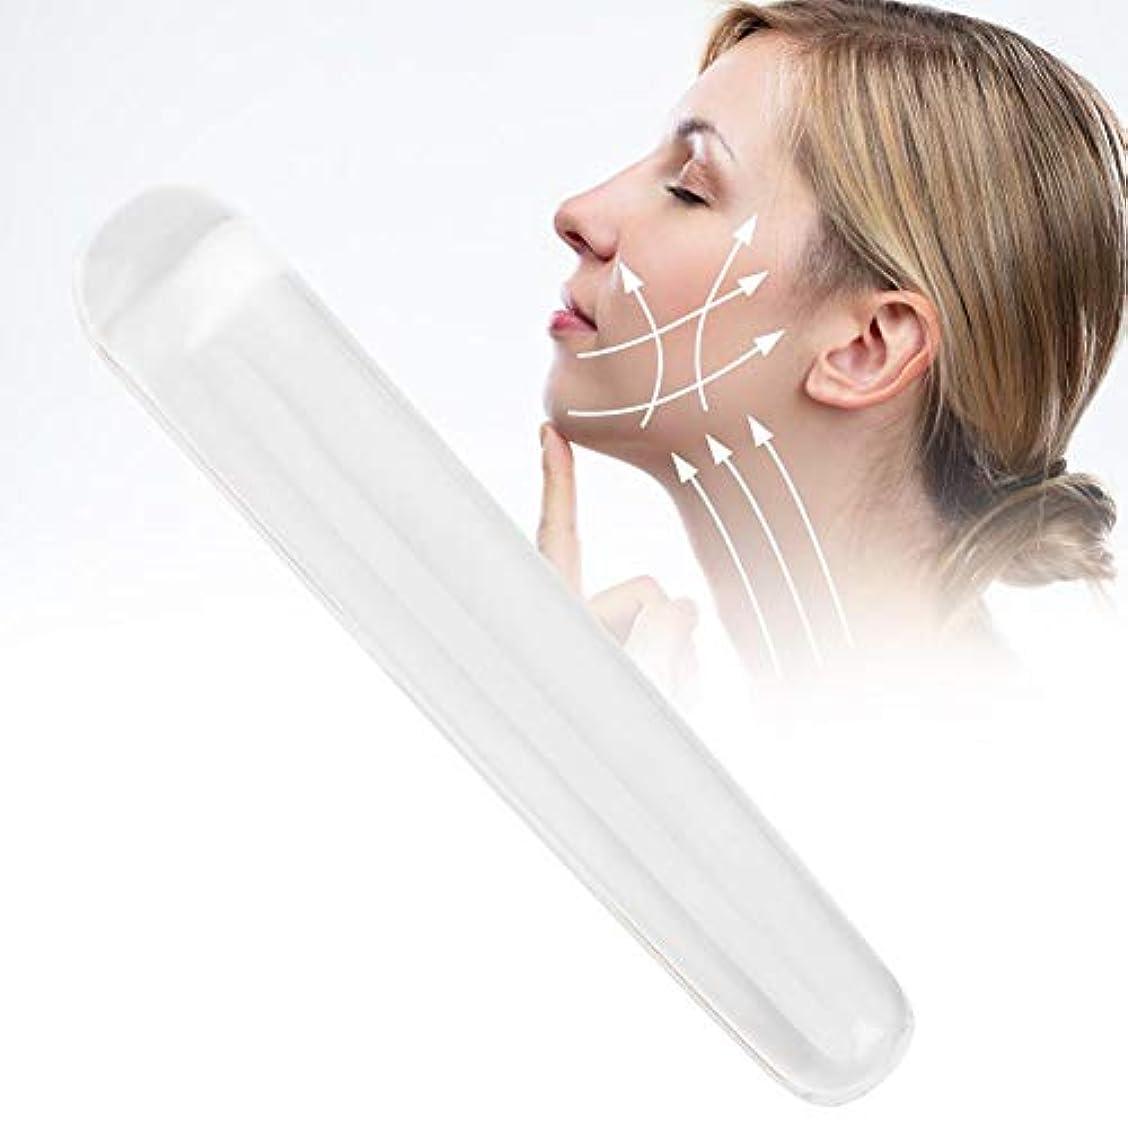 肺乳製品ドレインスクレーピングマッサージツール、リリースツール用クリスタルマッサージワンド、リリースショルダー、脚と体の痛み(#2)